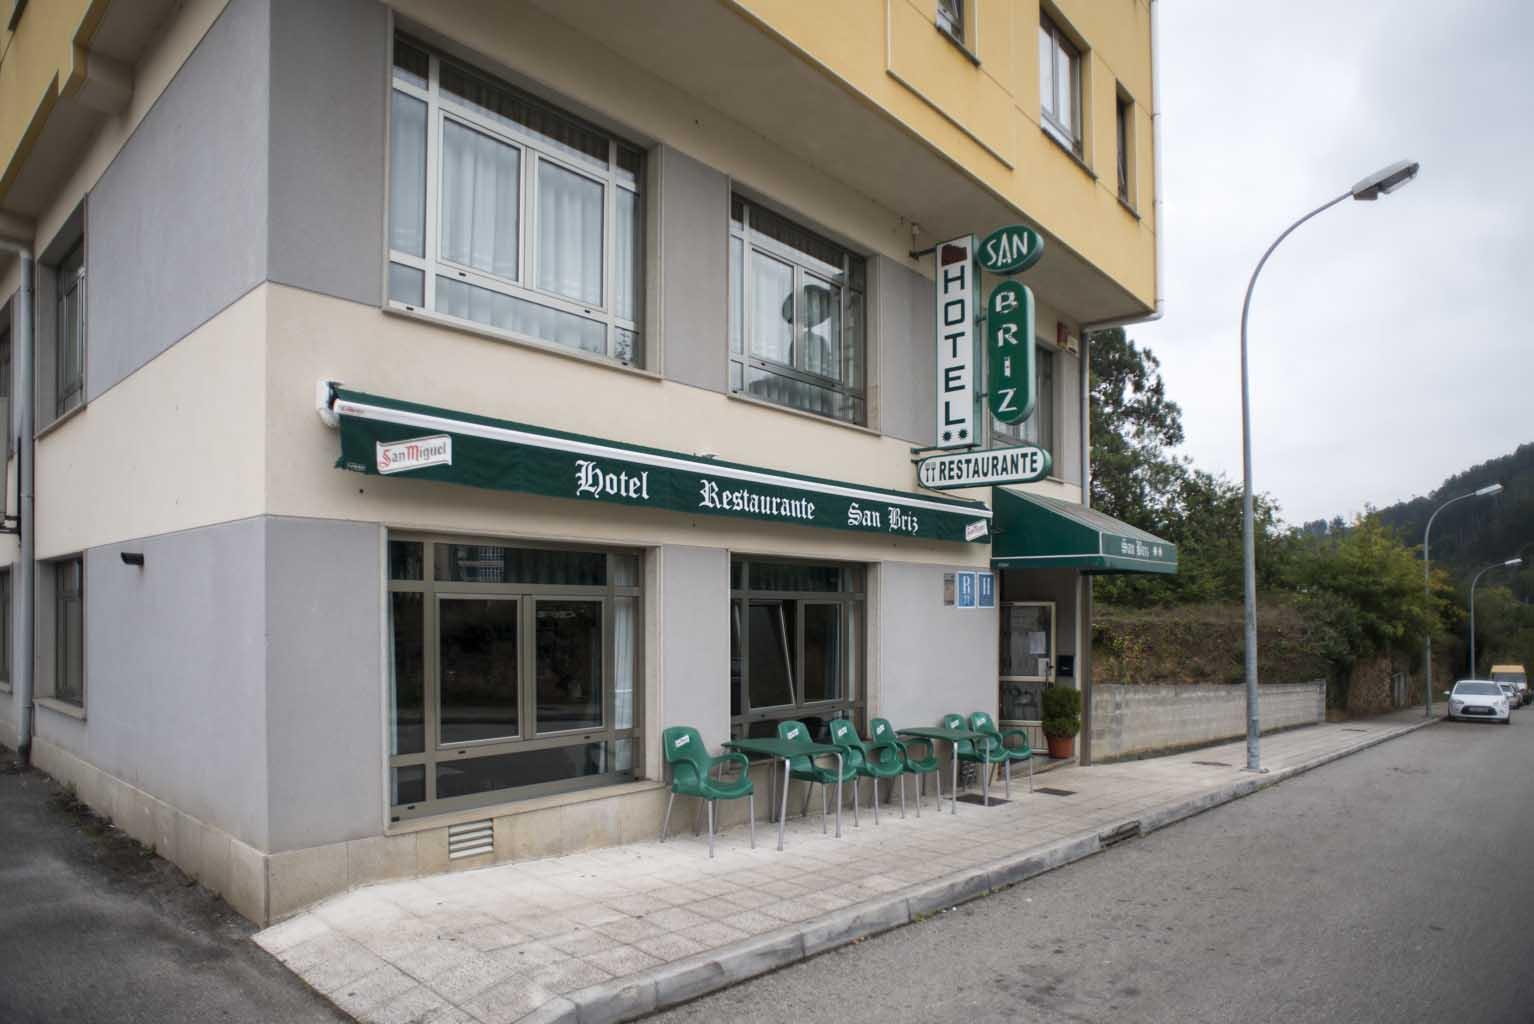 Hotel San Briz_3